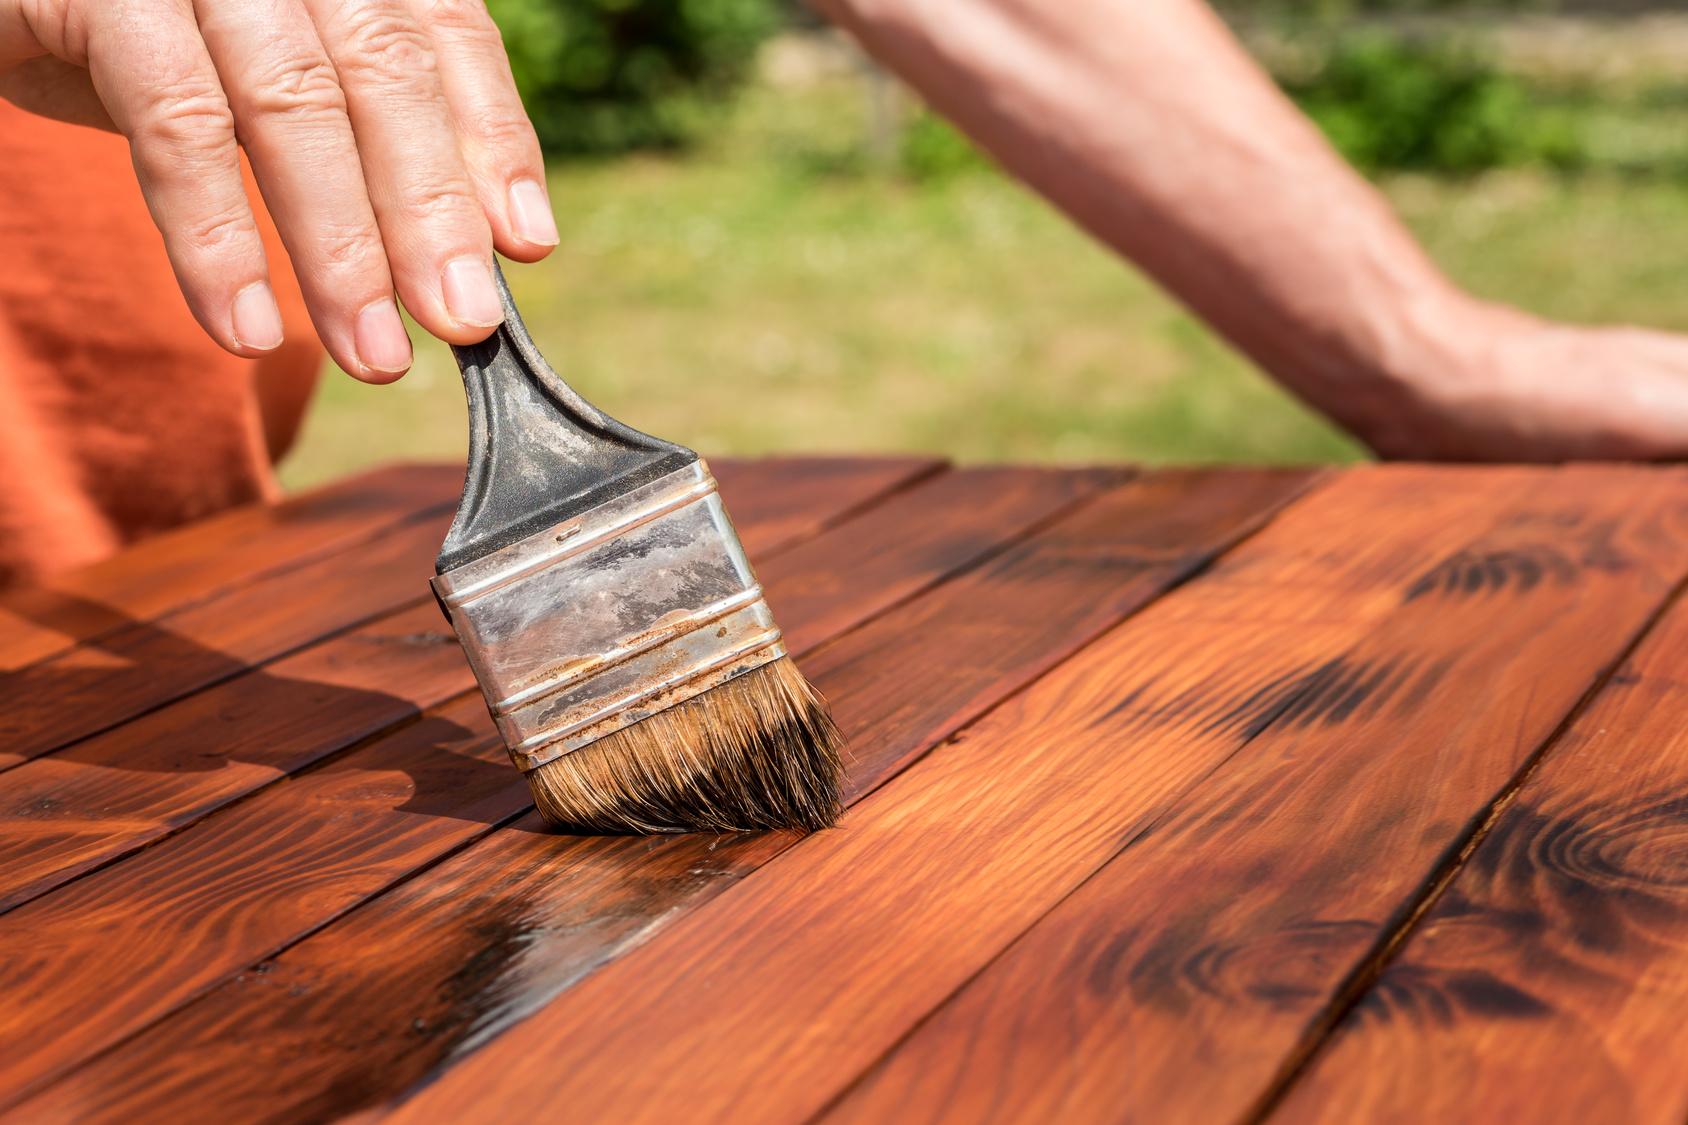 Resine Pour Peindre Meuble Bois peindre un meuble en bois : comment optimiser le rendu final ?